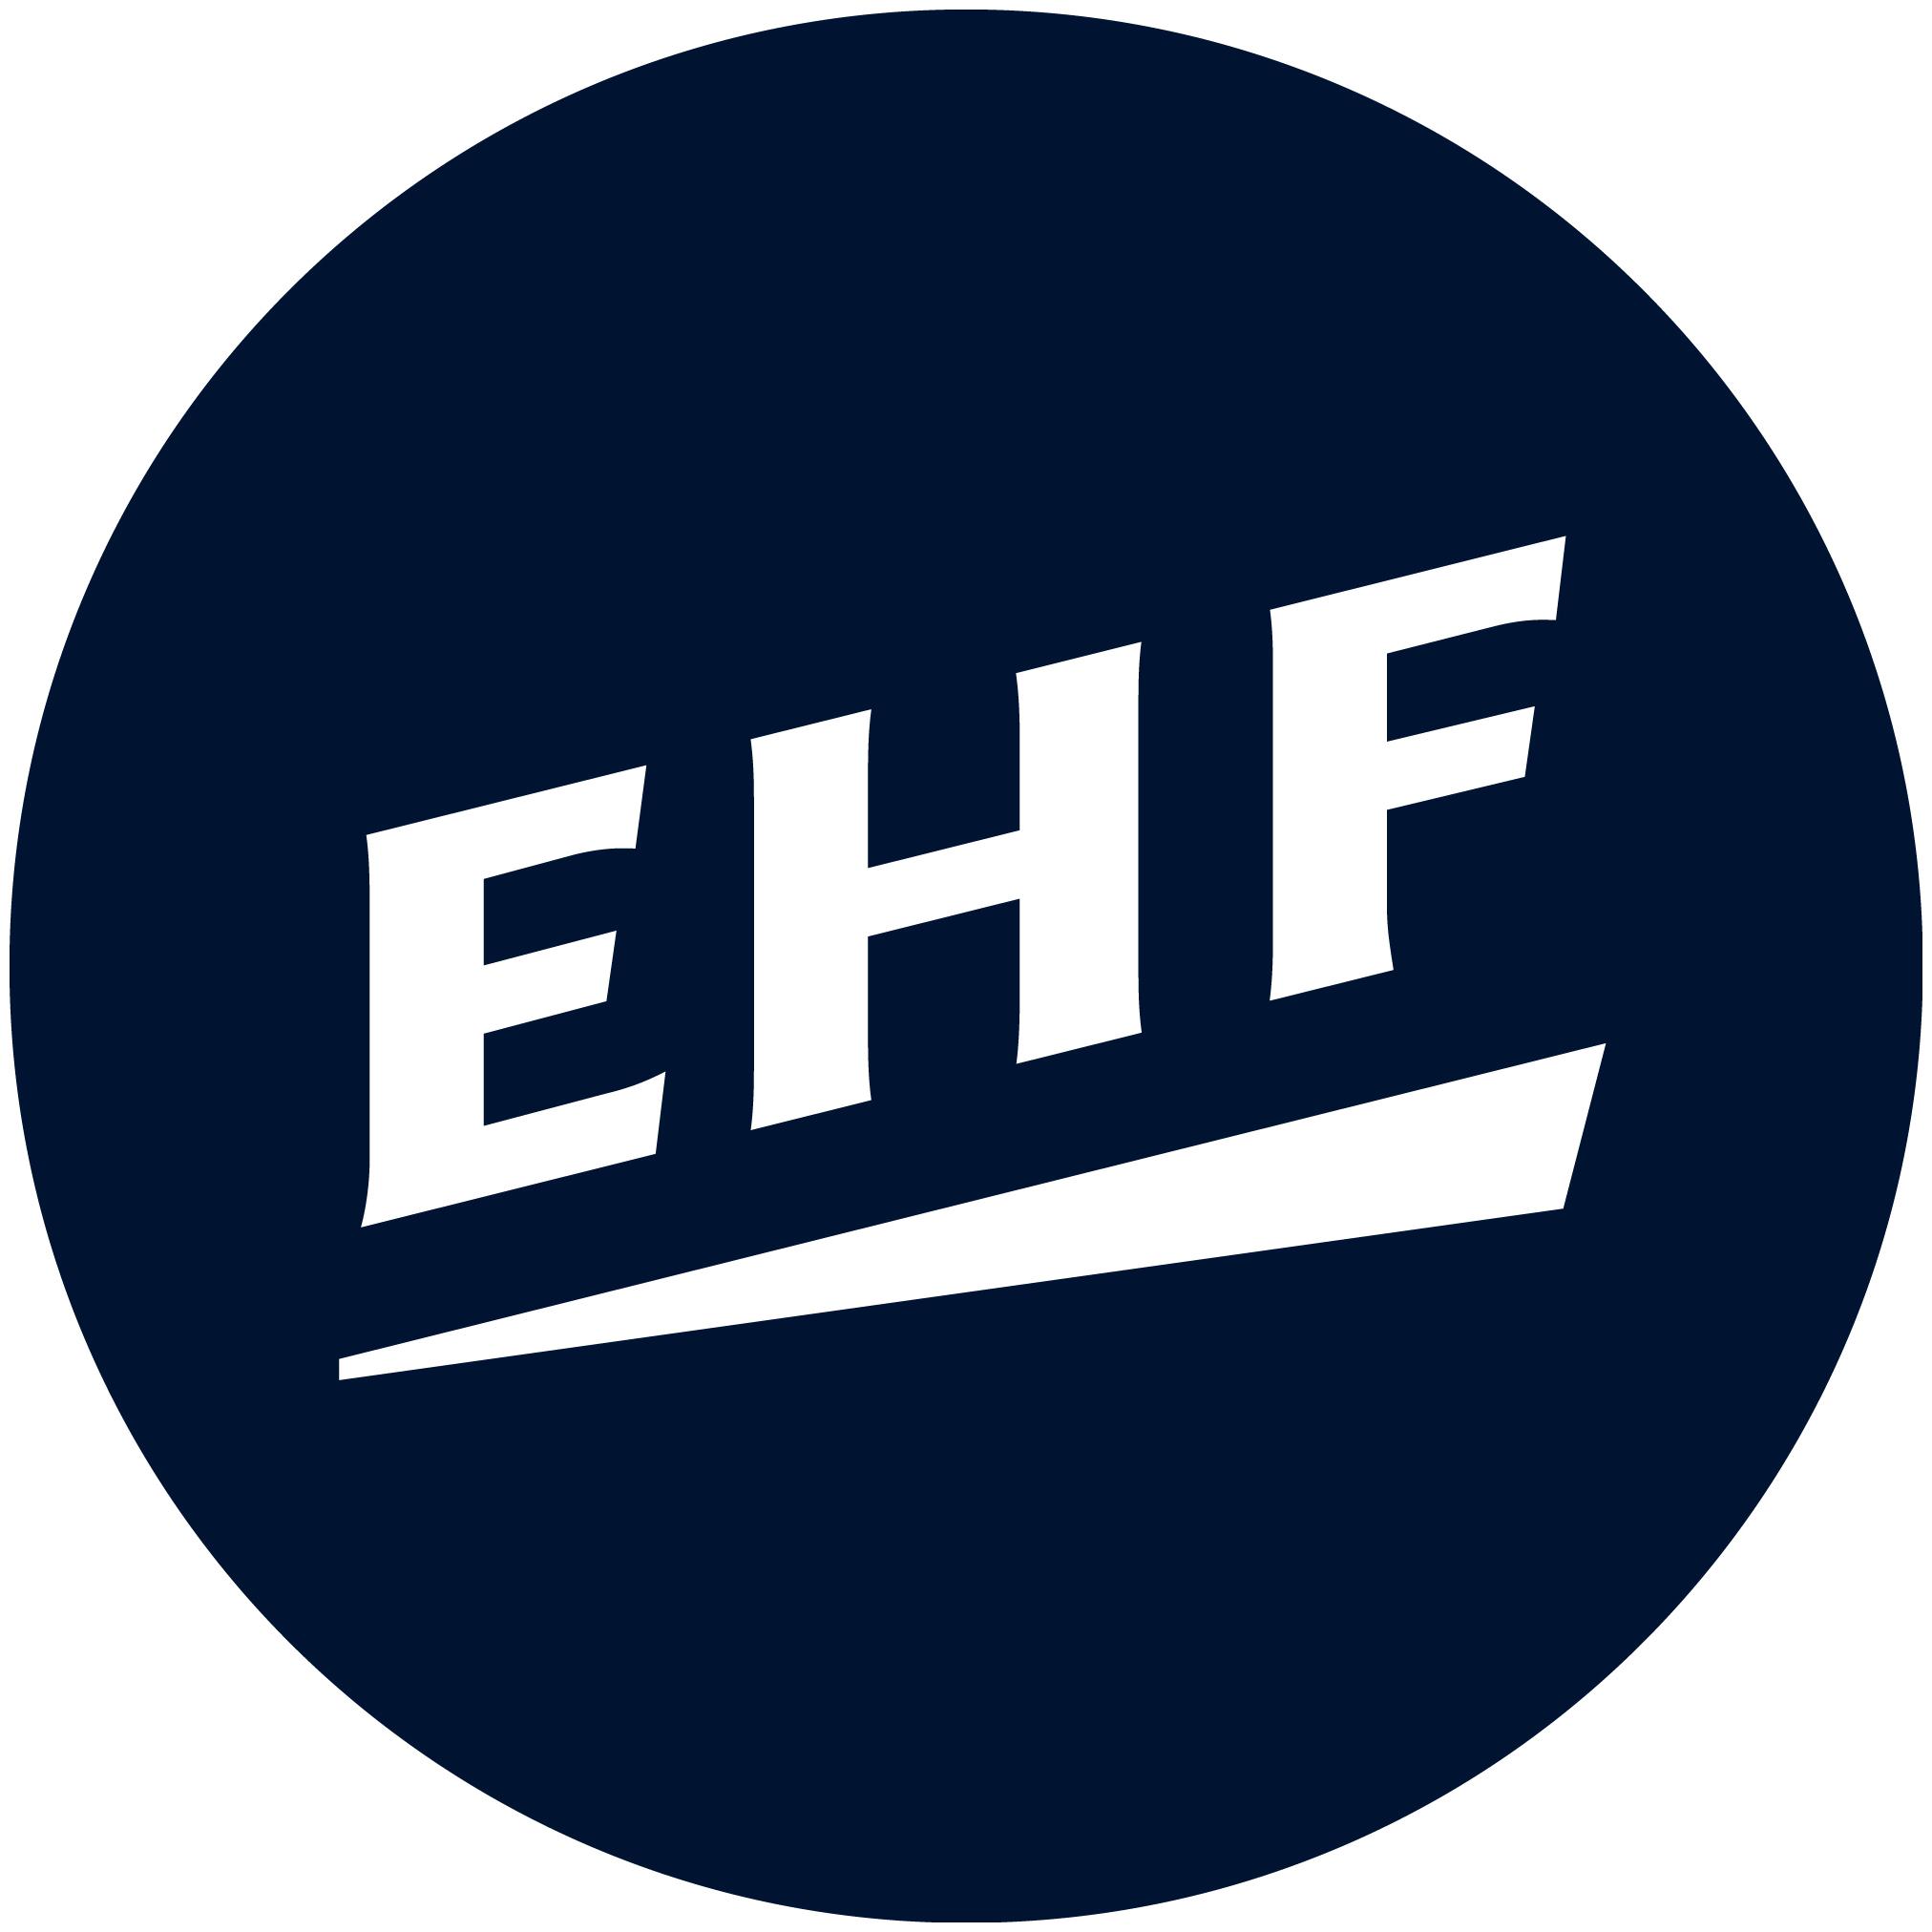 2021 European Handball Men's 18 EHF Championship